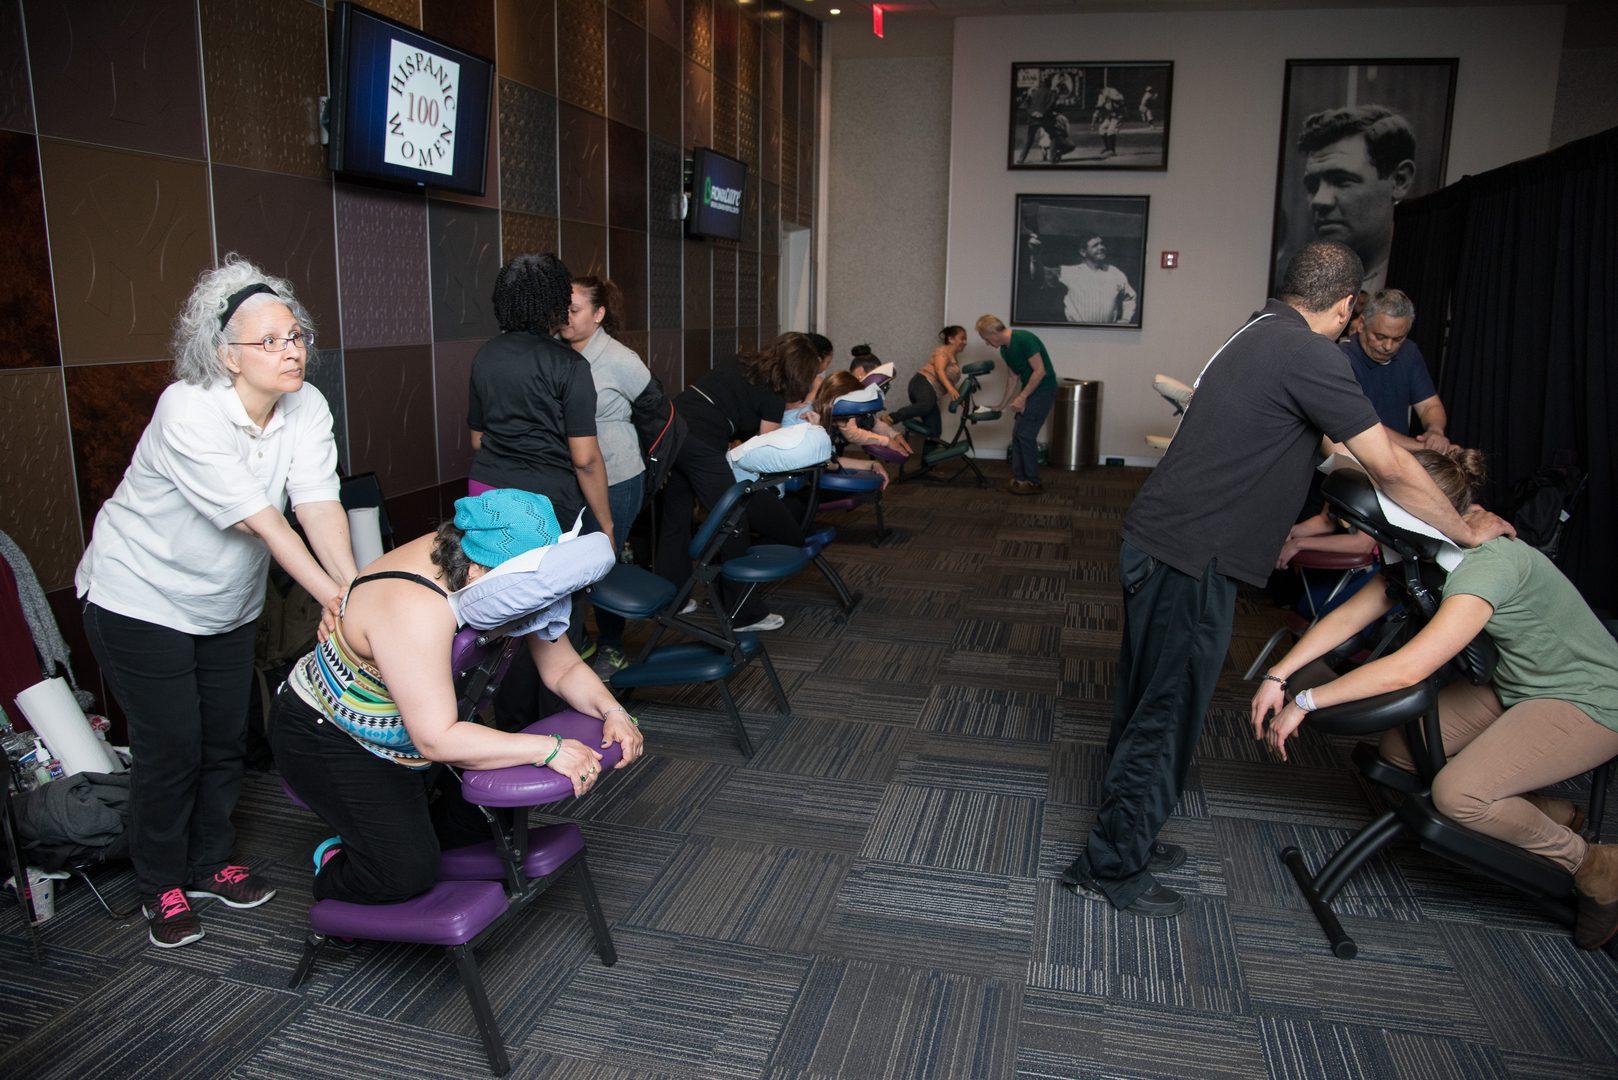 A massage area